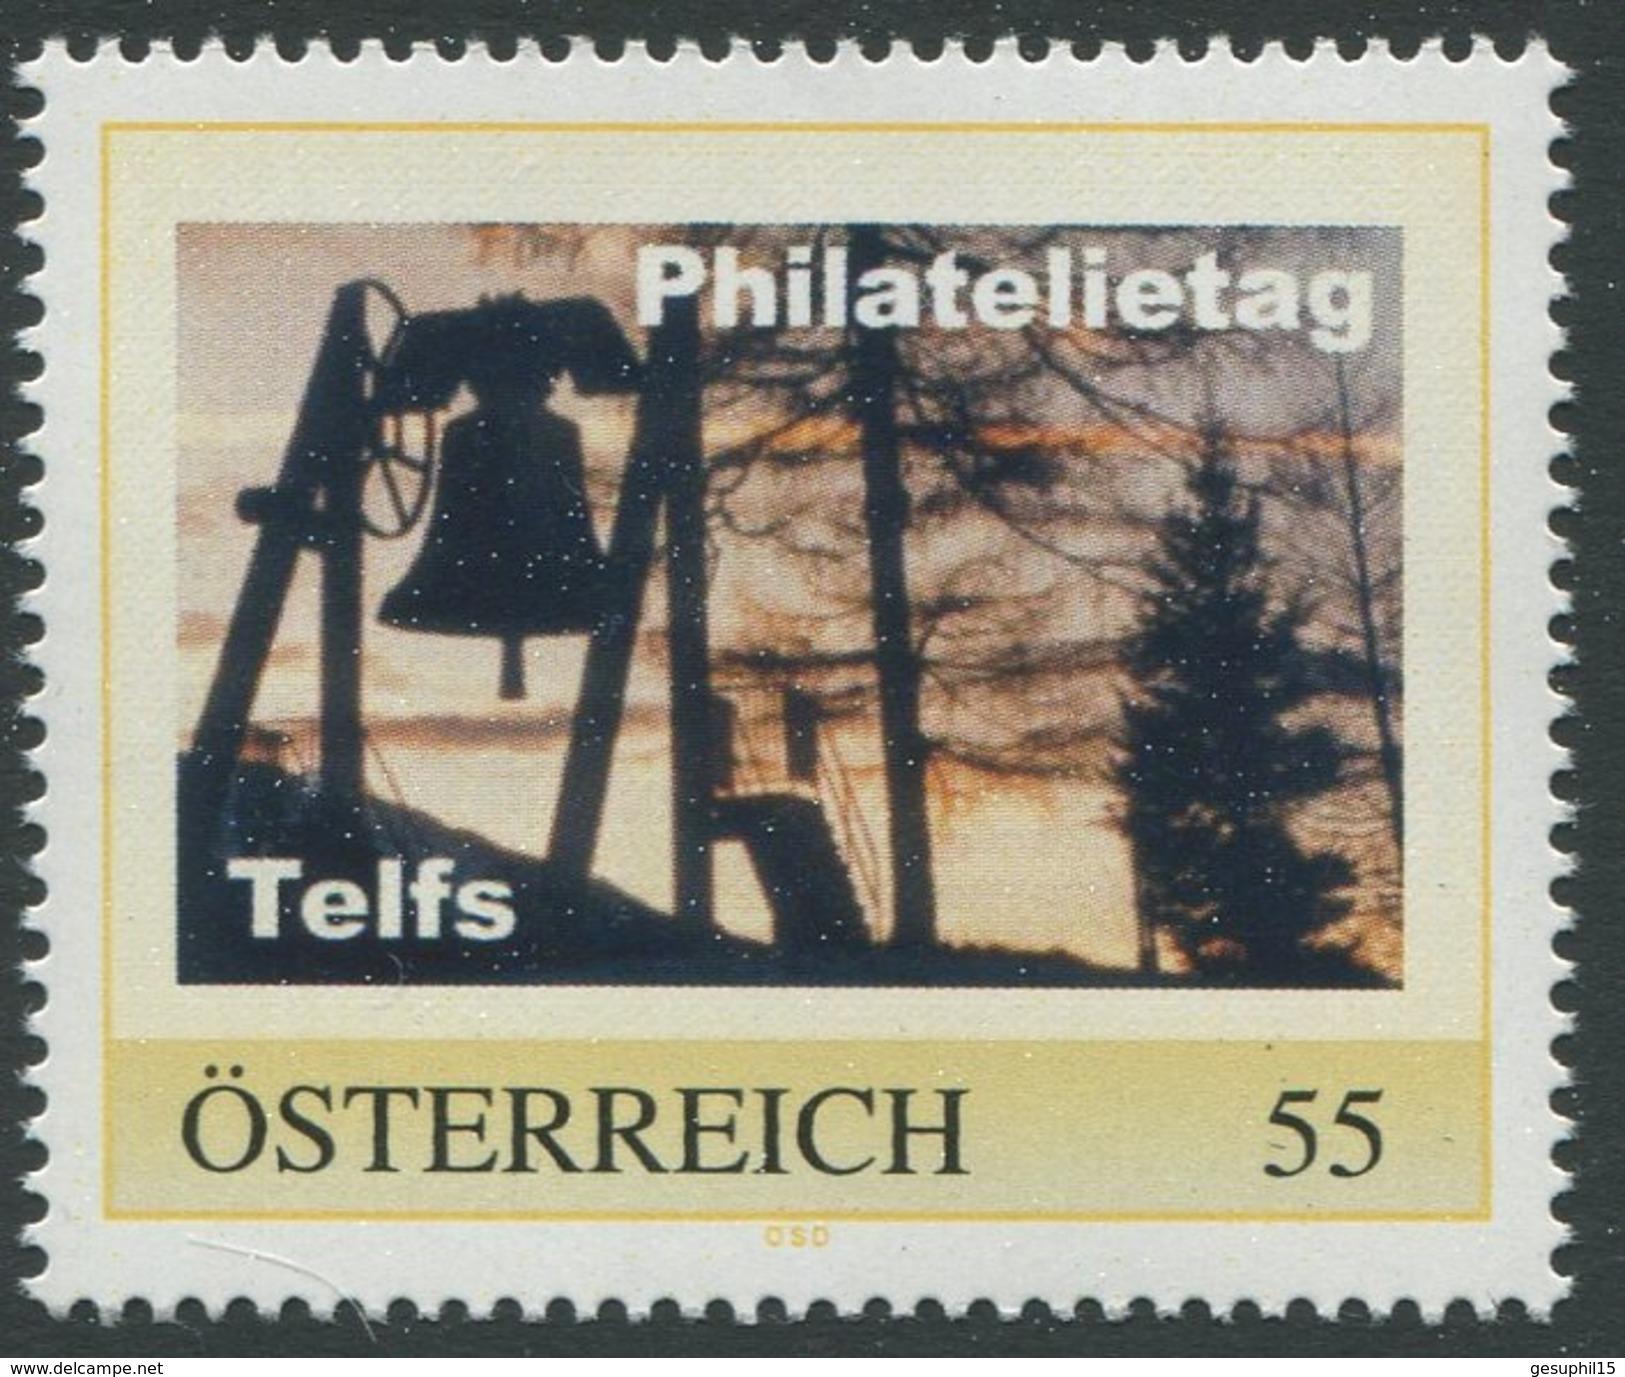 ÖSTERREICH / Philatelietag Telfs / Postfrisch / ** / MNH - Österreich